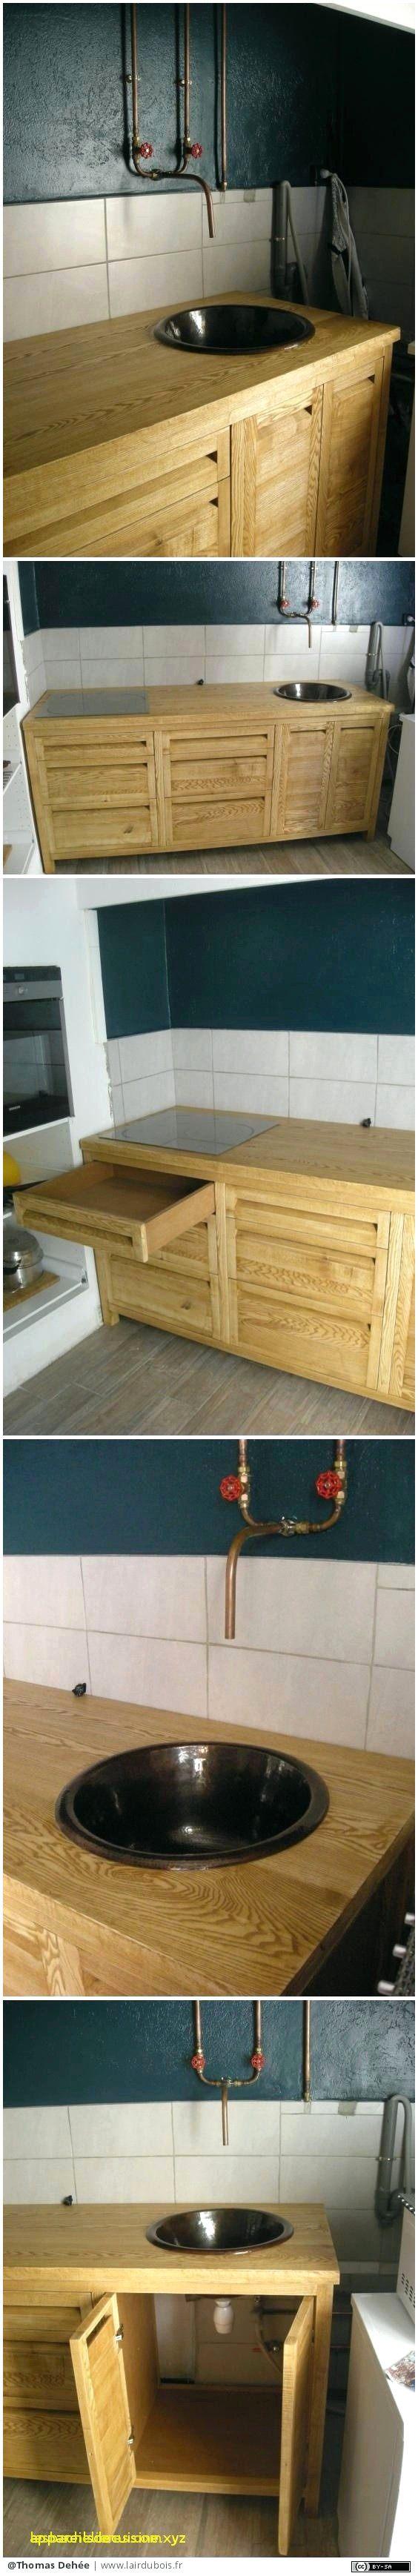 Lits Escamotables Ikea Meilleur De Résultat Supérieur Armoires Lit Incroyable Lit Bureau Escamotable